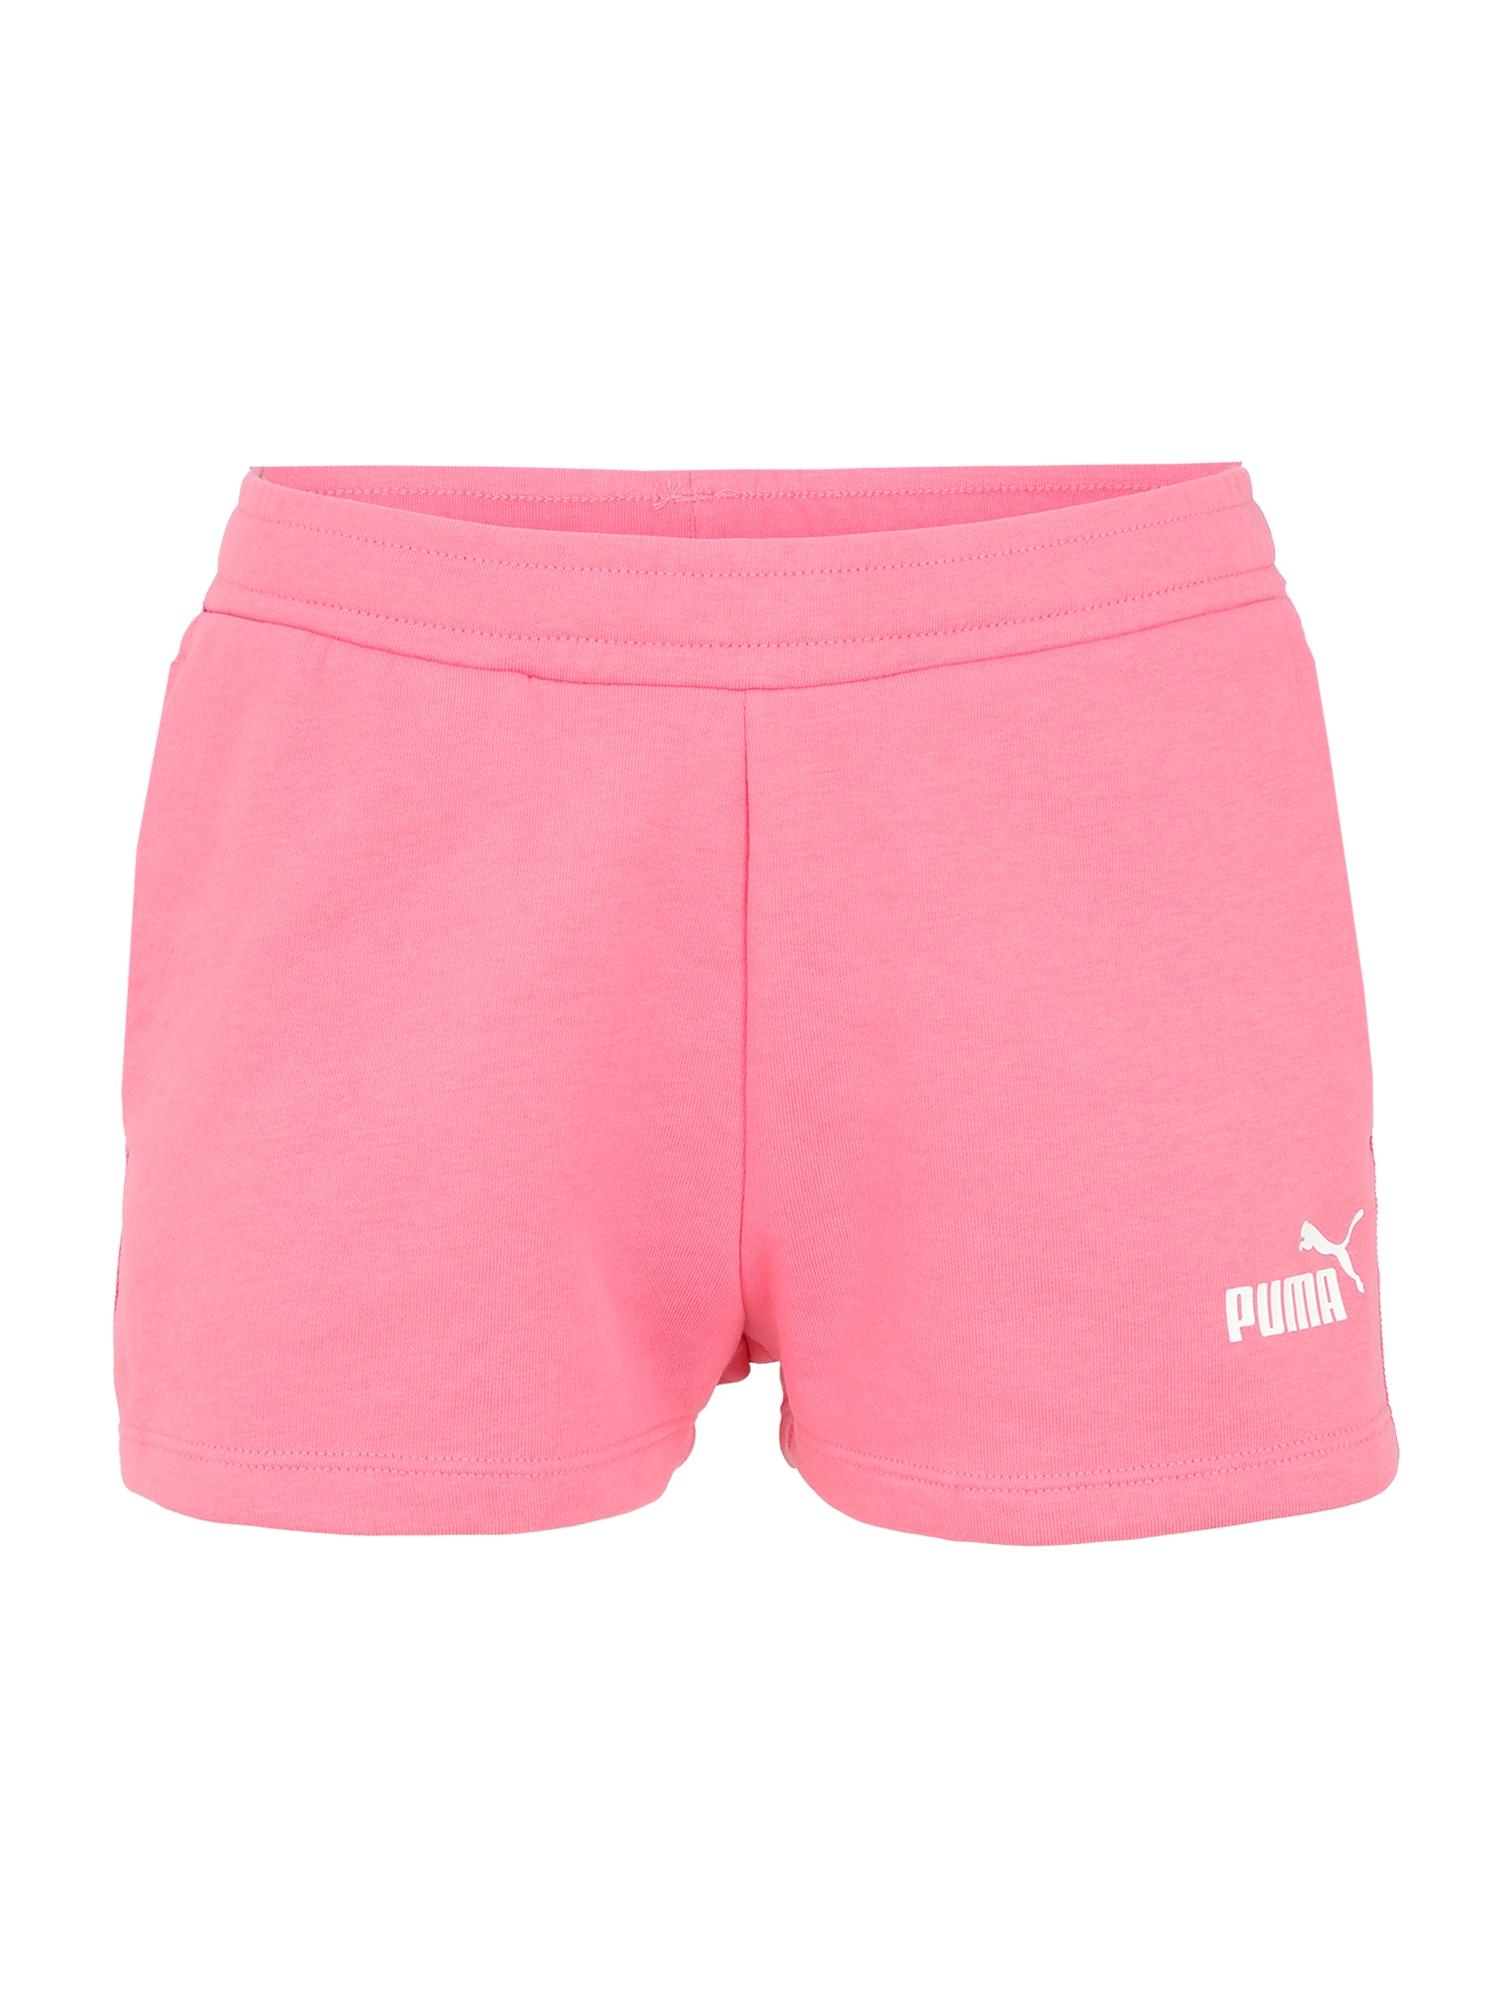 PUMA Sportinės kelnės 'Amplified 2' rožinė / balta